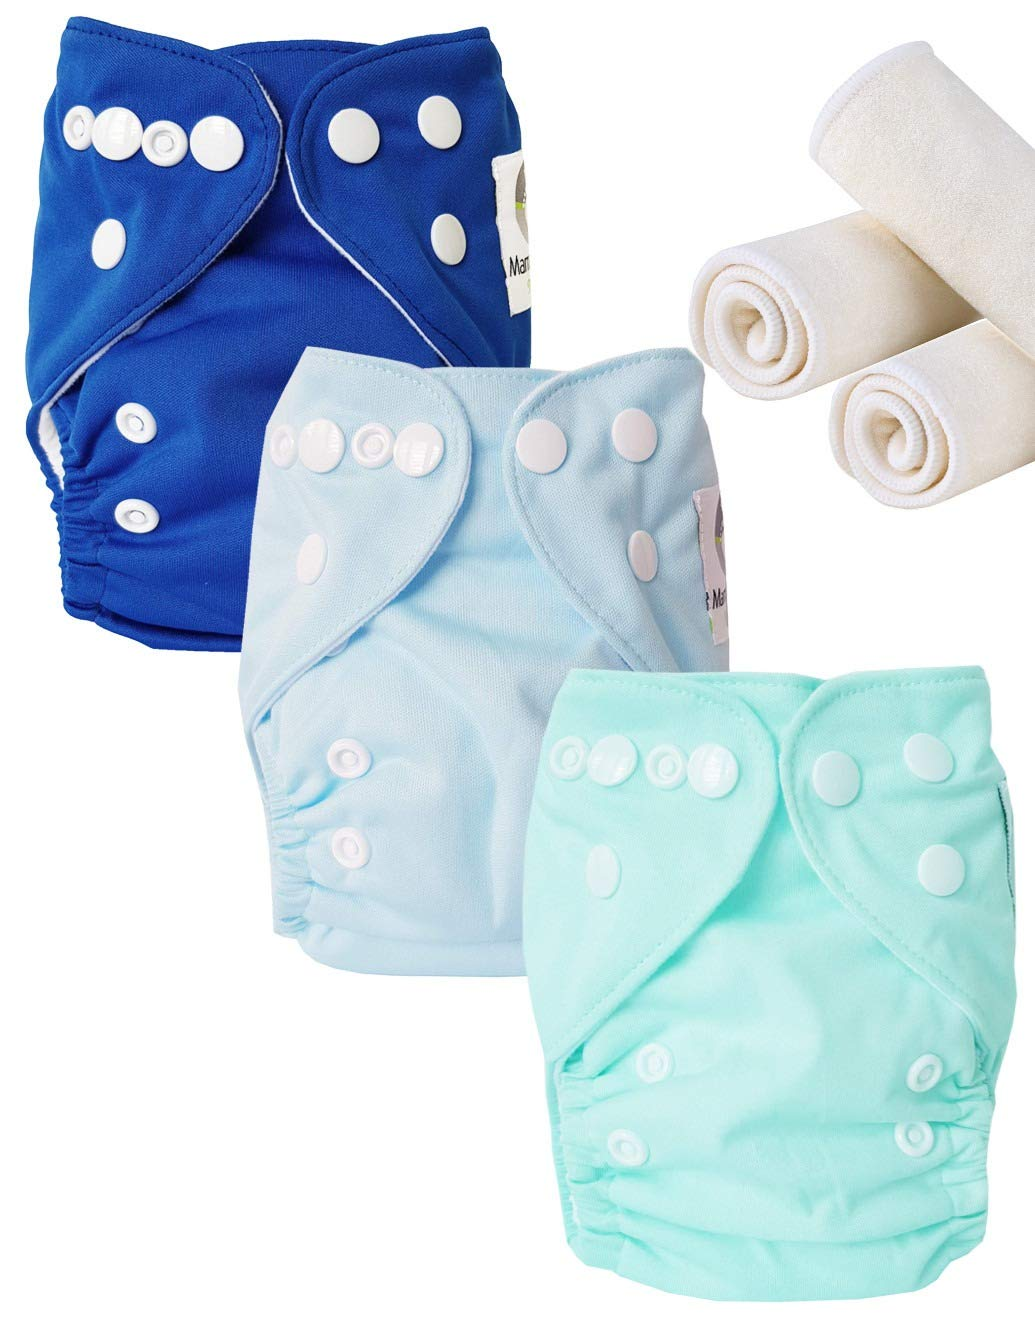 Maman et bb Nature Newborn Lot de 3 Couches lavables Newborn Te1 Blue touch